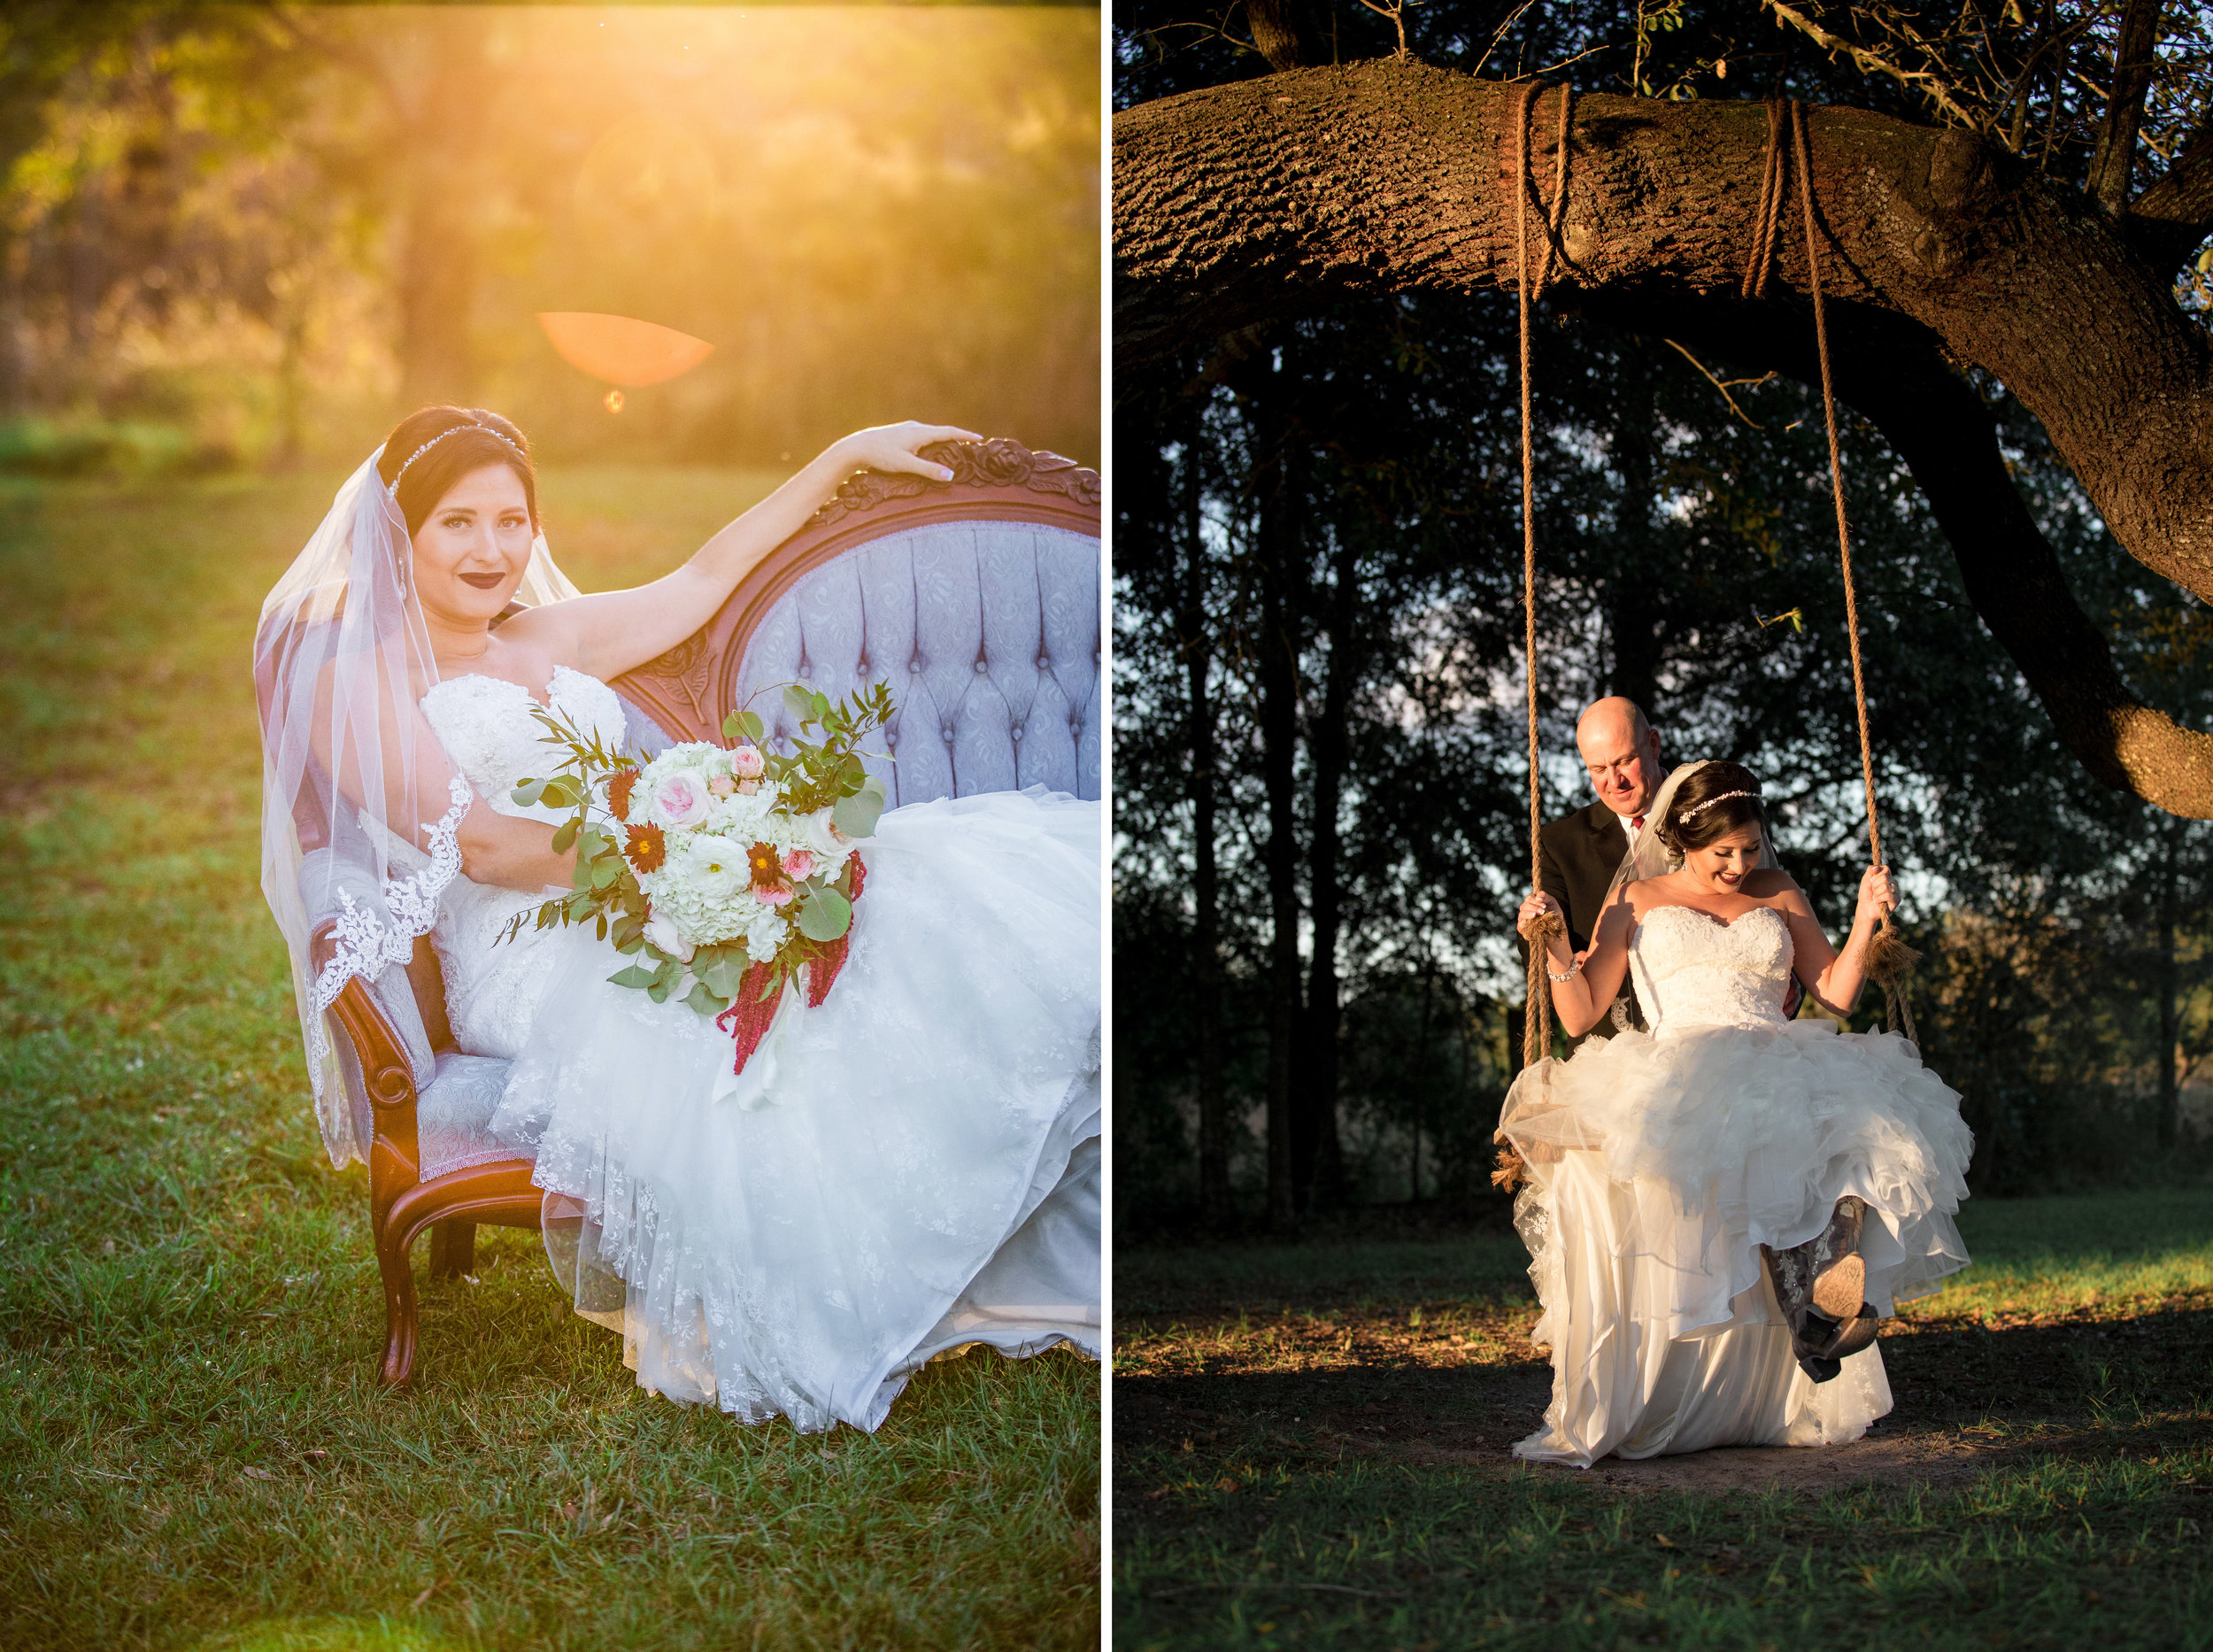 Barn-Wedding-Ates-Ranch-Wedding-Photo-Photography-Video-Videography-Pensacola-Florida-Courtney-Clint-46.jpg